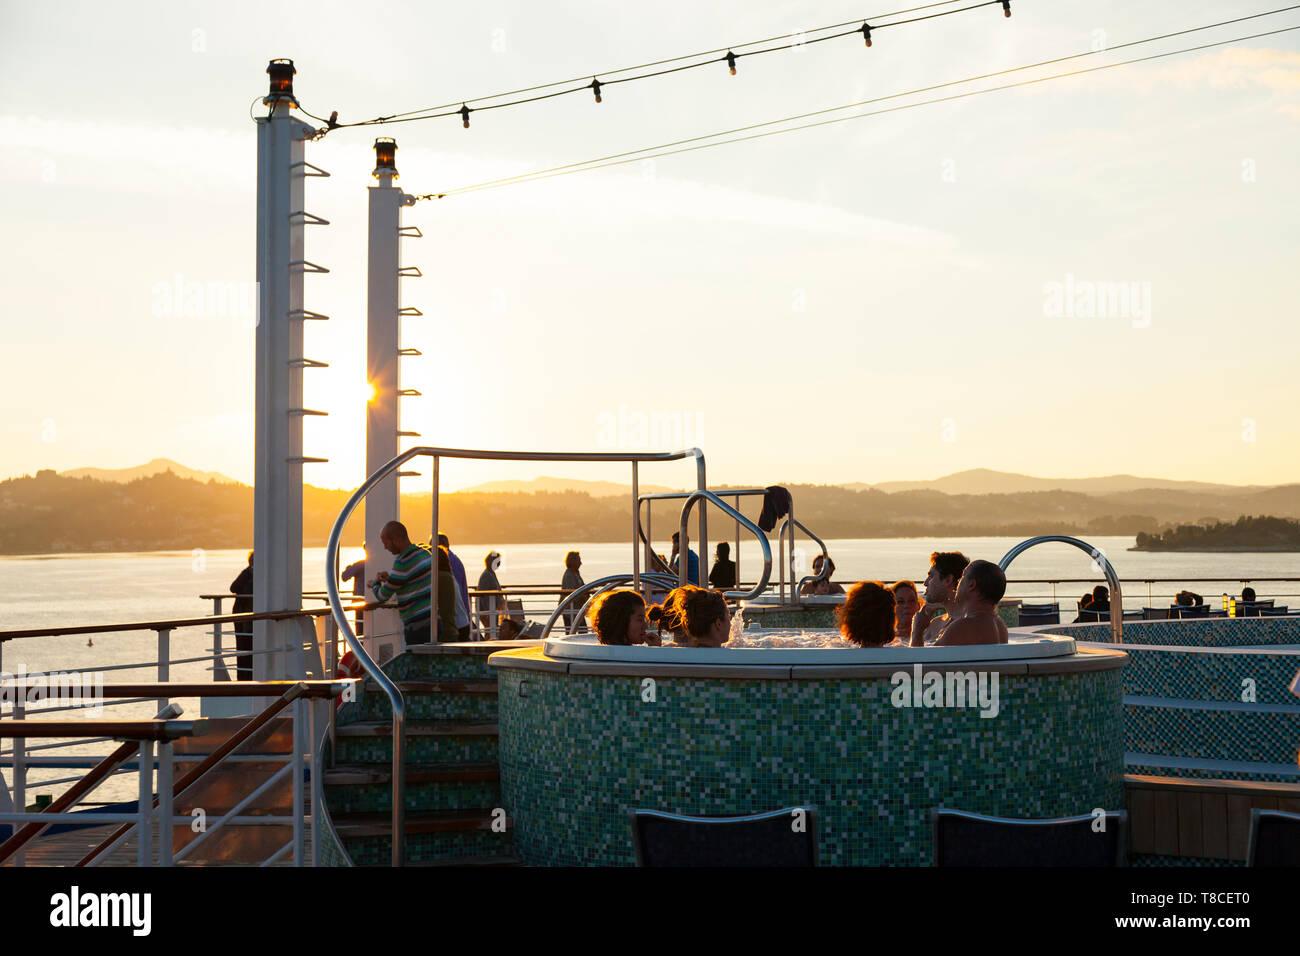 Jacuzzi en el crucero, Isla Corfú, Islas Jónicas, Grecia, Mar Mediterráneo - Stock Image